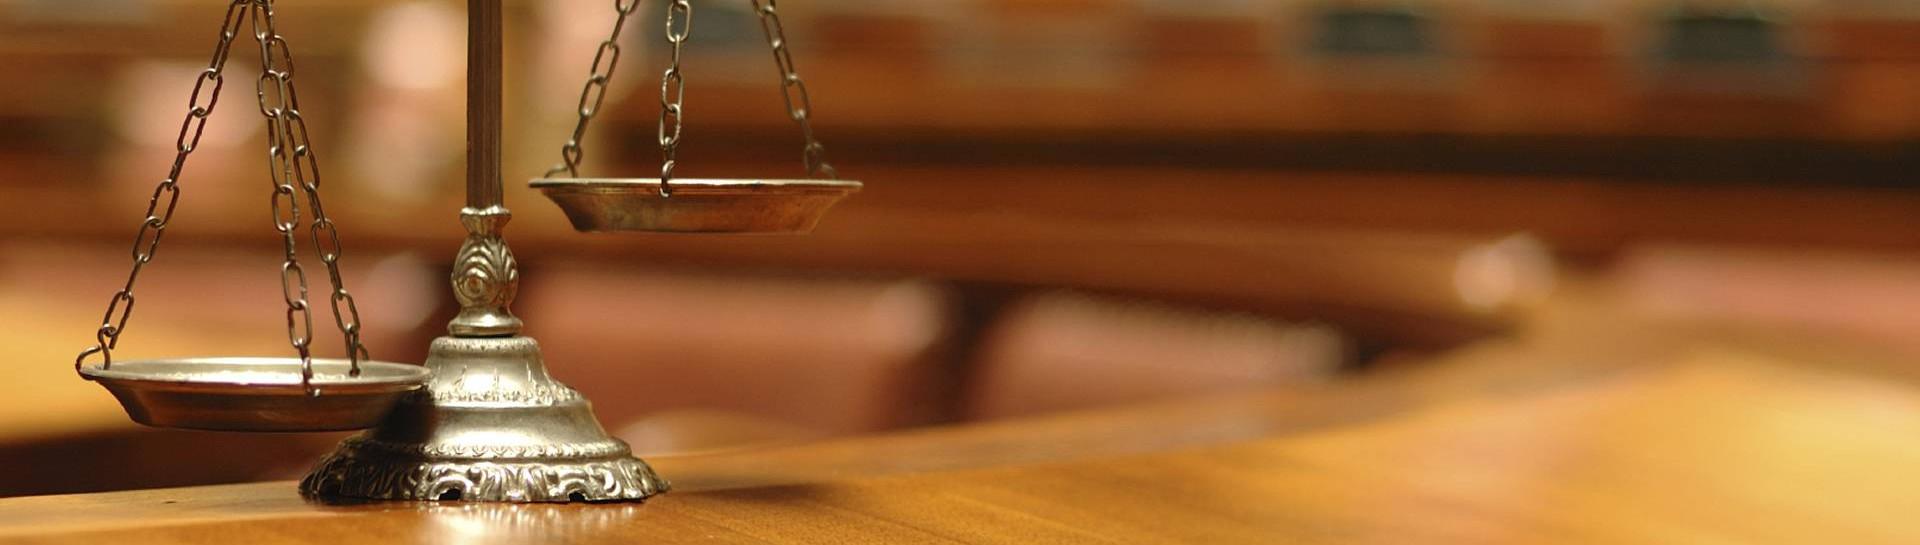 სამართლის უზენაესობა და ხარისხიანი მართლმსაჯულება